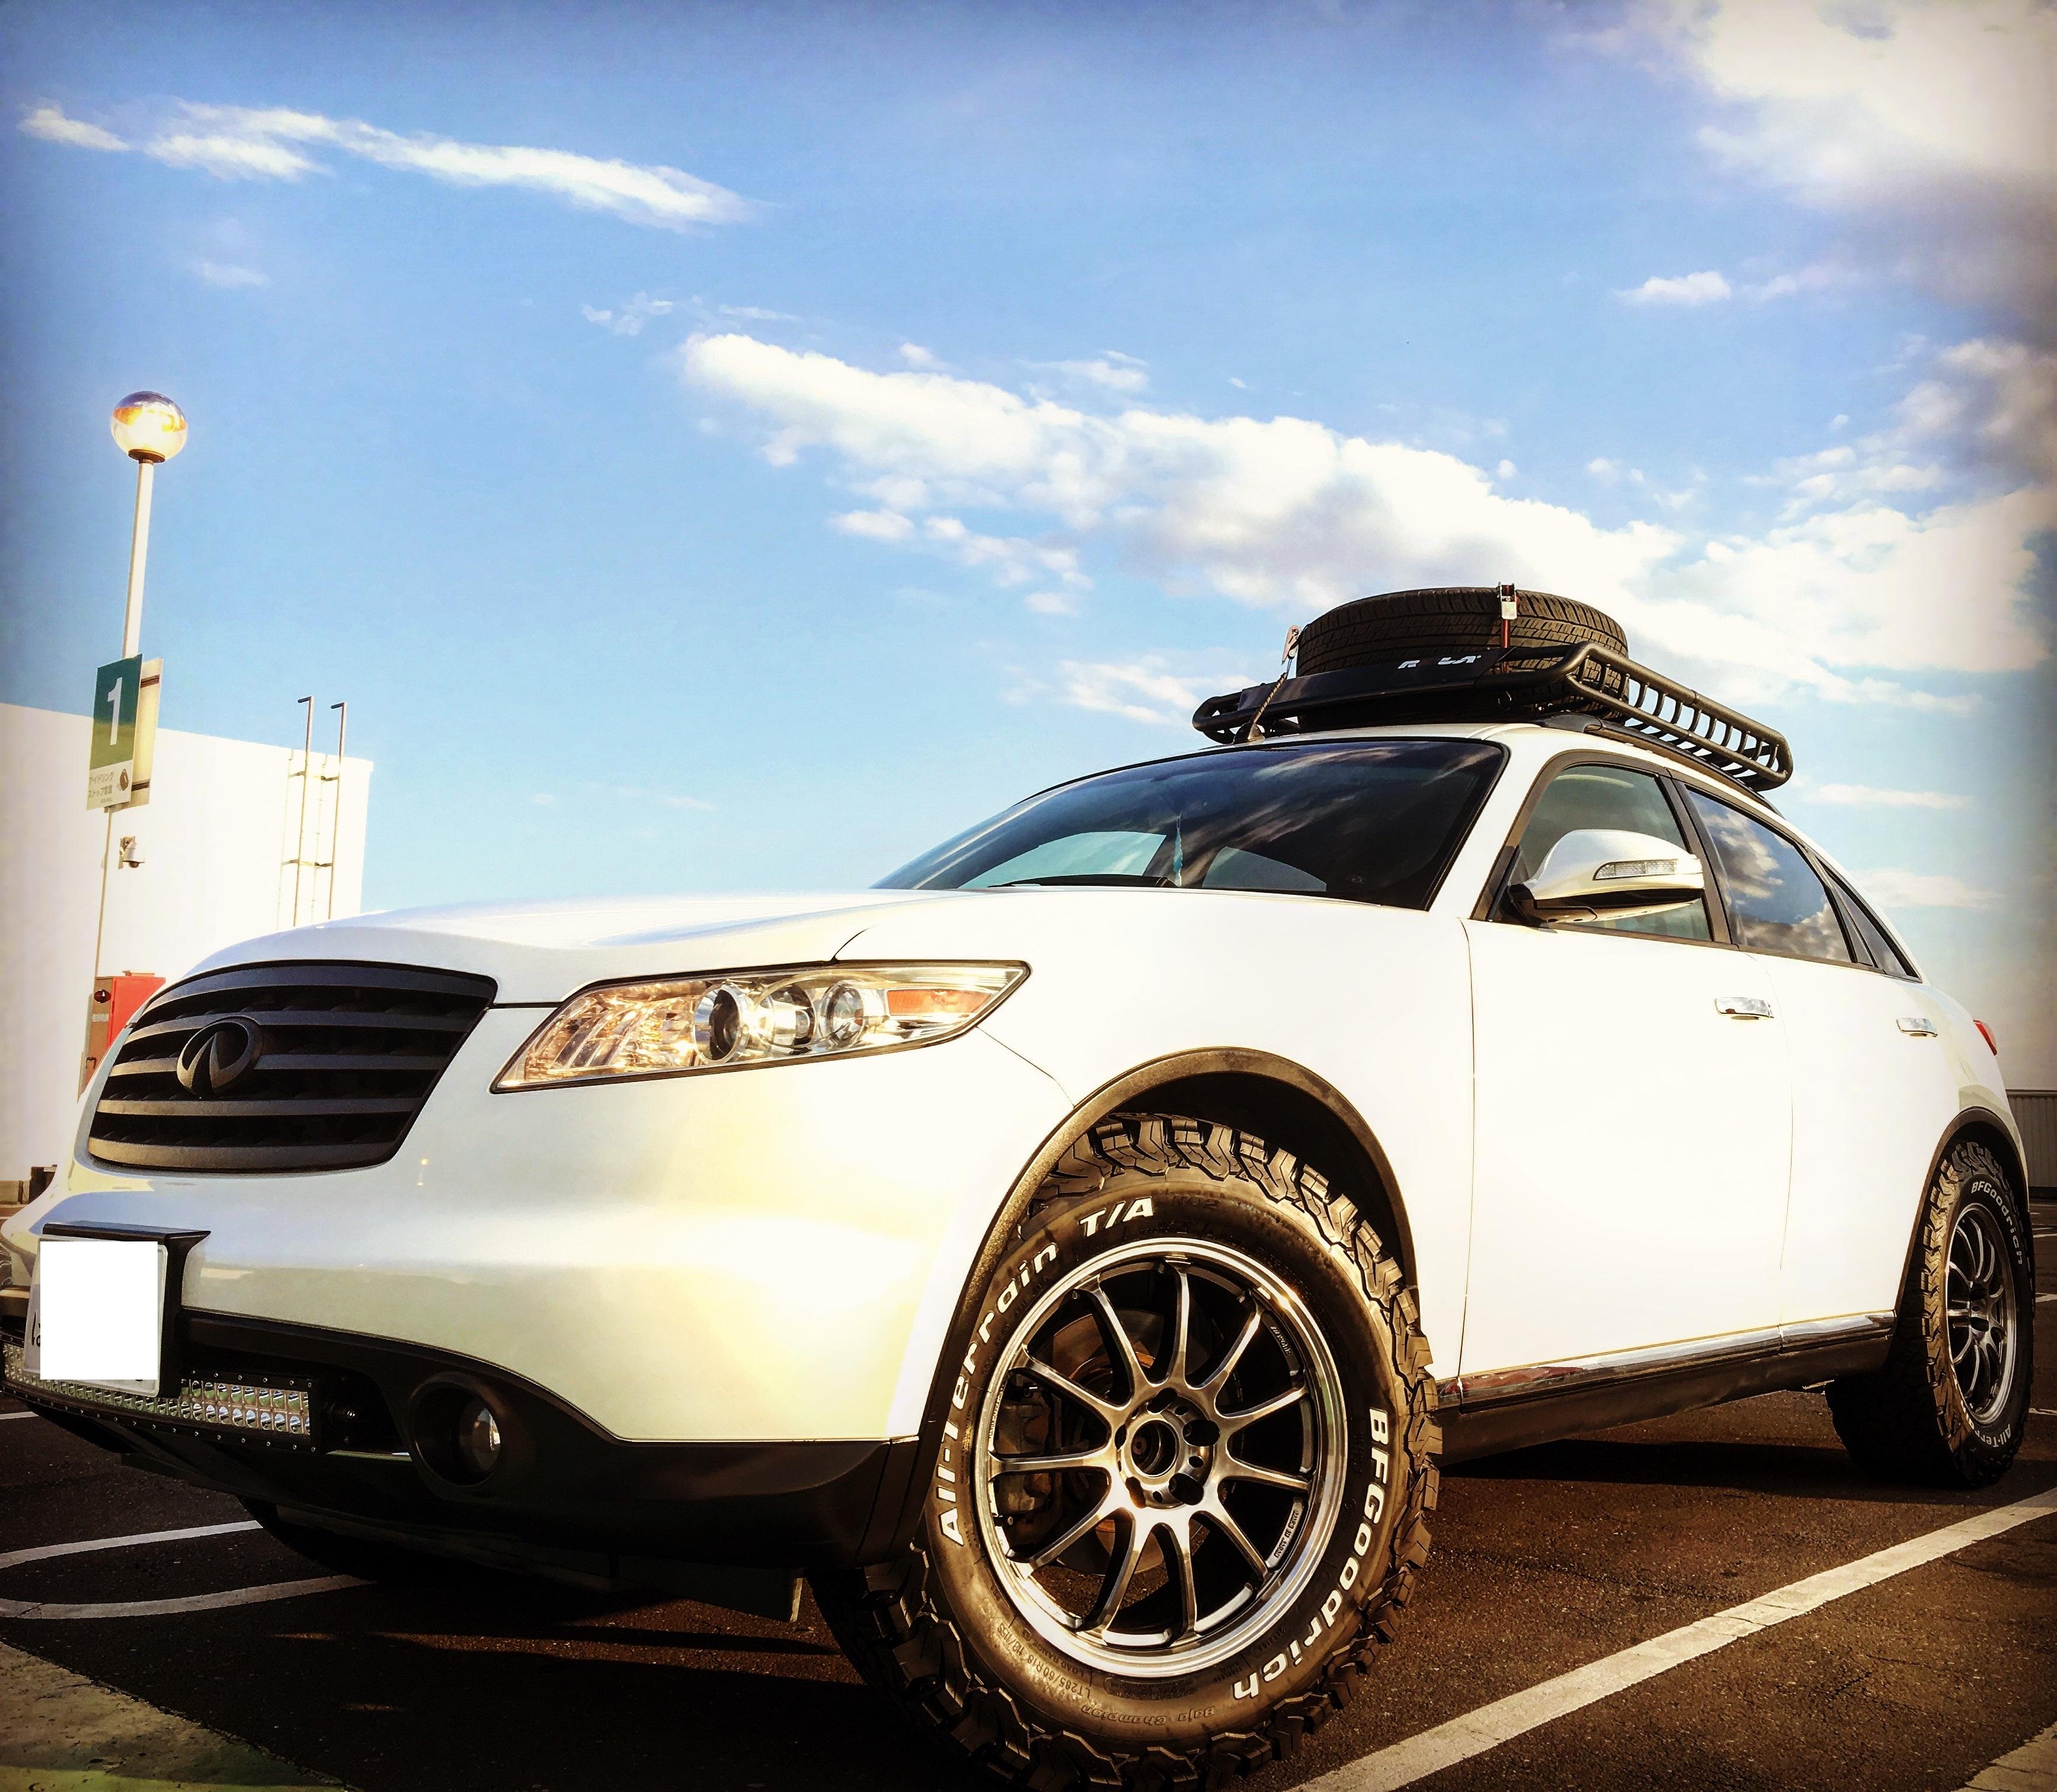 スター タイヤ マッド 冬用タイヤ規制もOK!? SUV用「マッド&スノー」タイヤの実力とは(くるまのニュース)